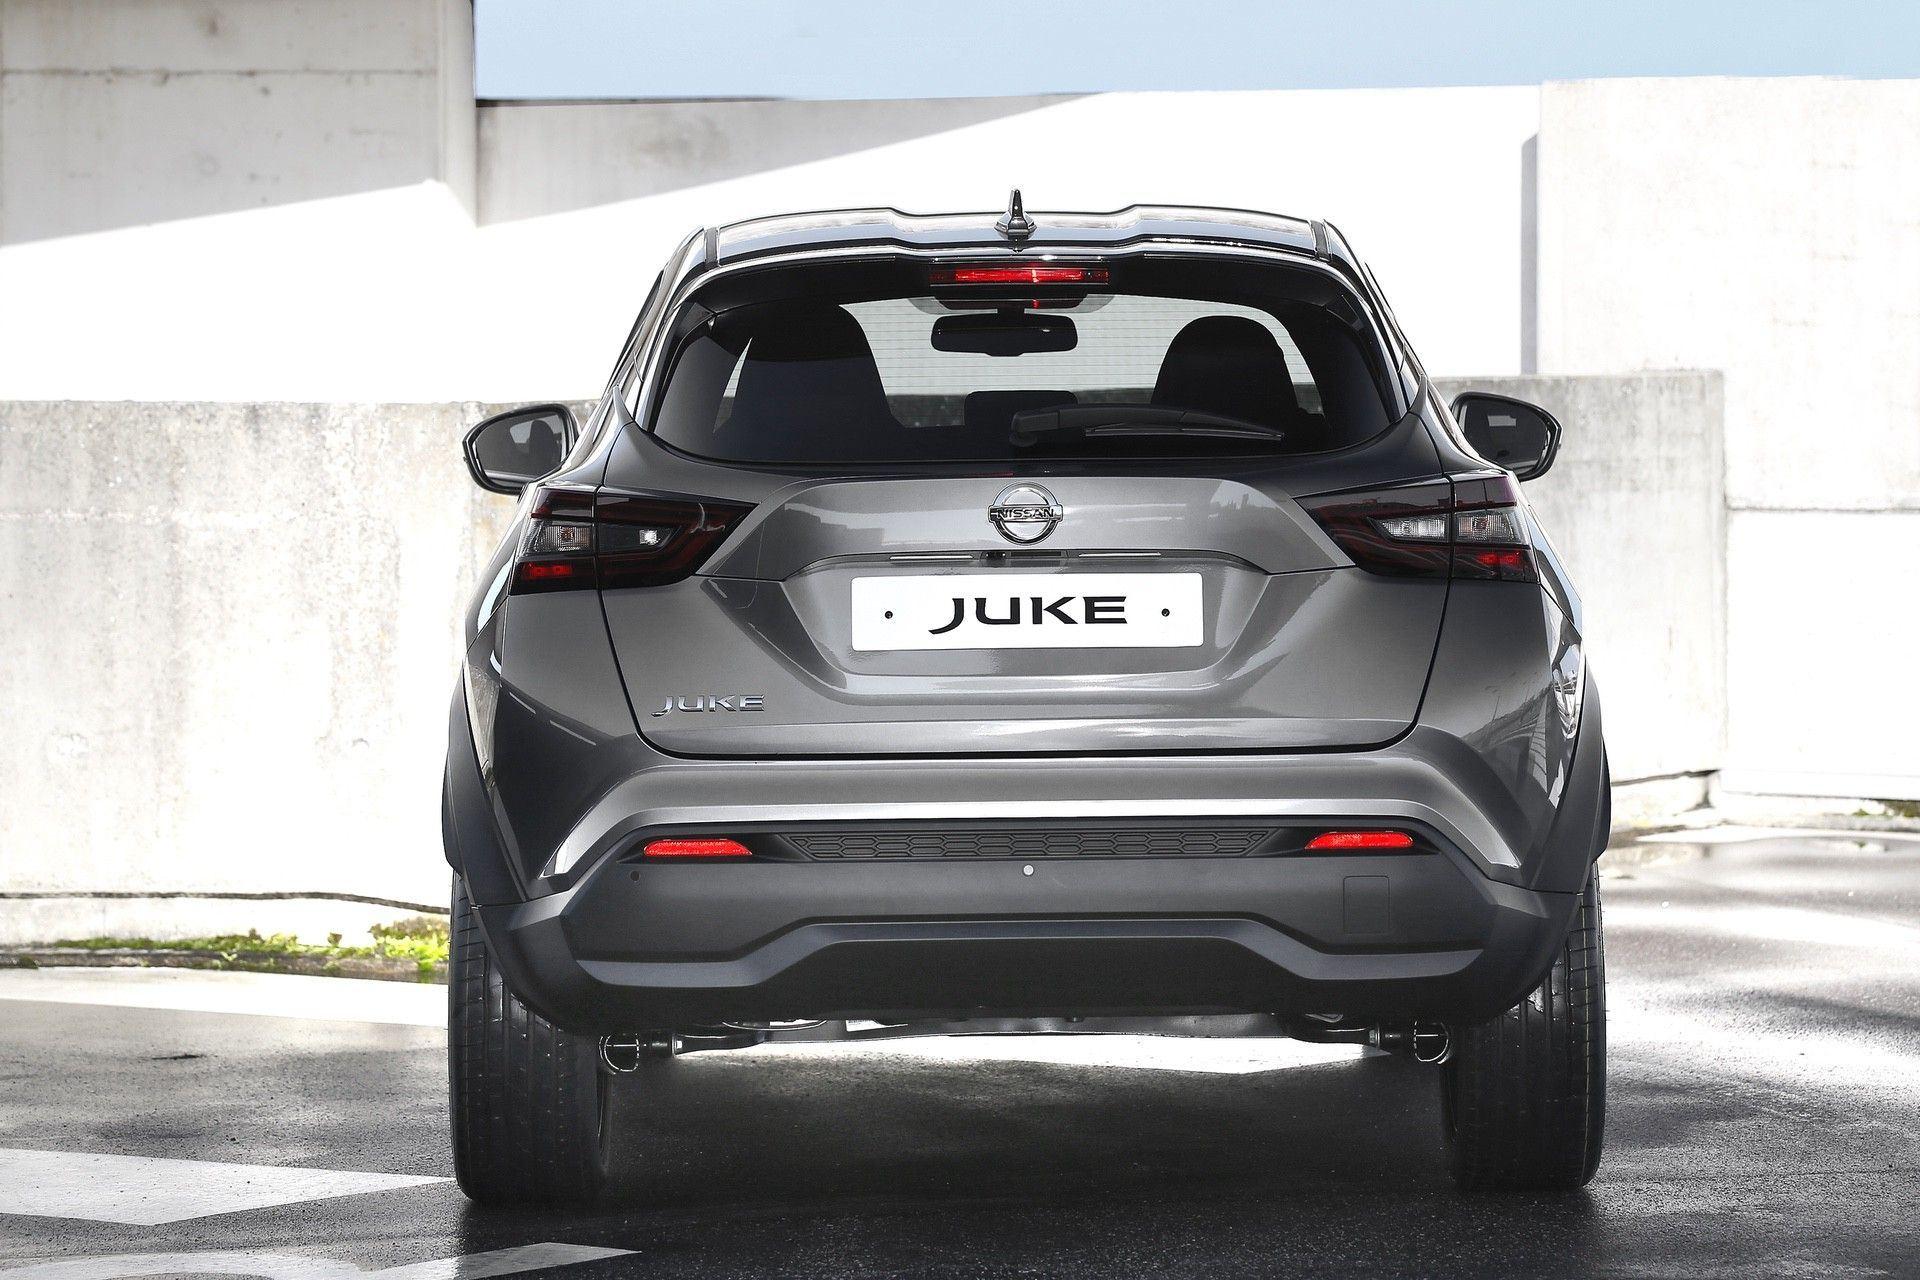 Nissan_Juke_Enigma_0004